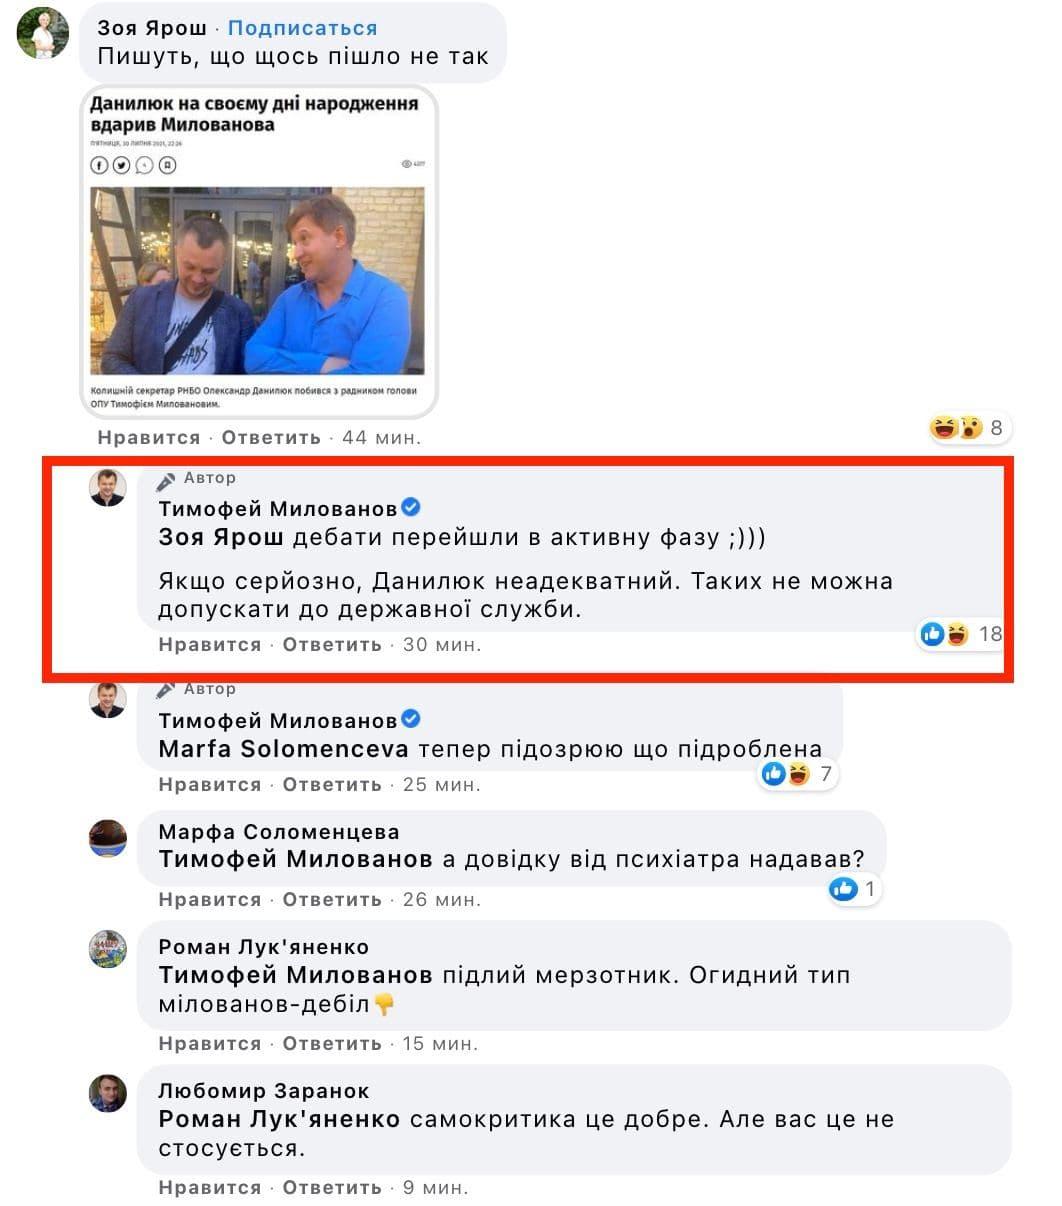 Данилюк - Милованов : У этого комментария и фото с обнимашками разница - буквально час